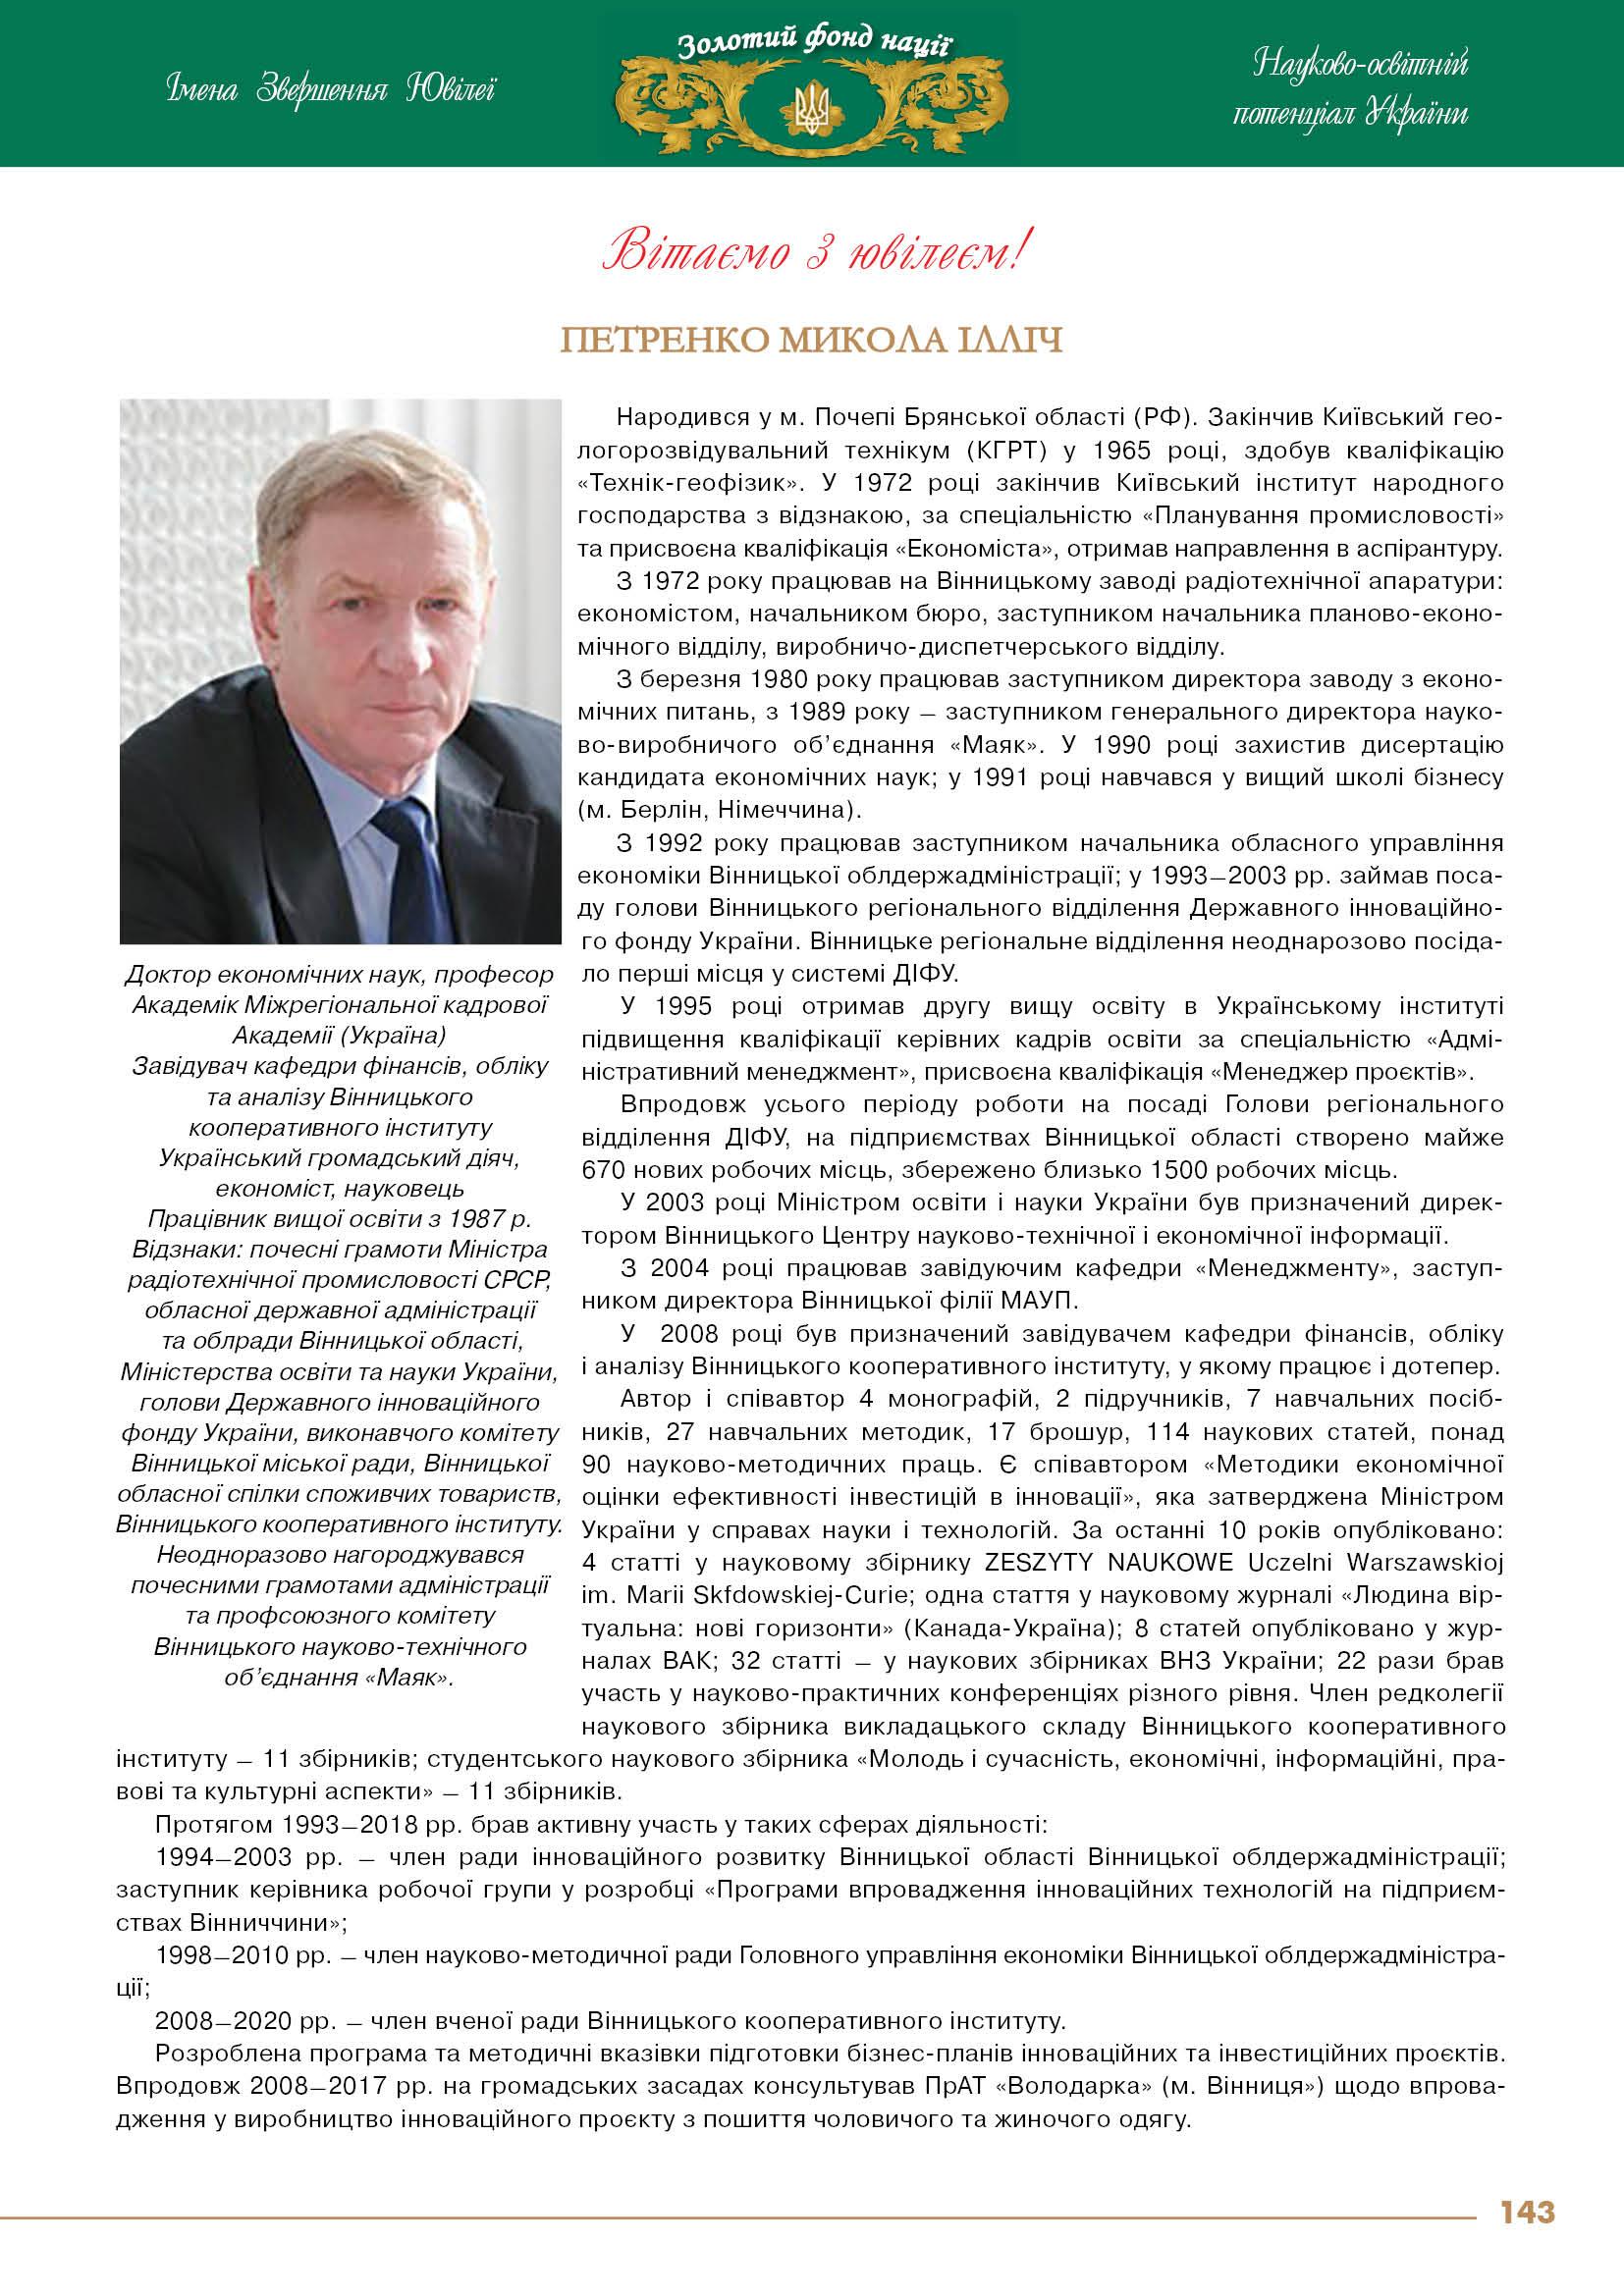 Петренко Микола Ілліч